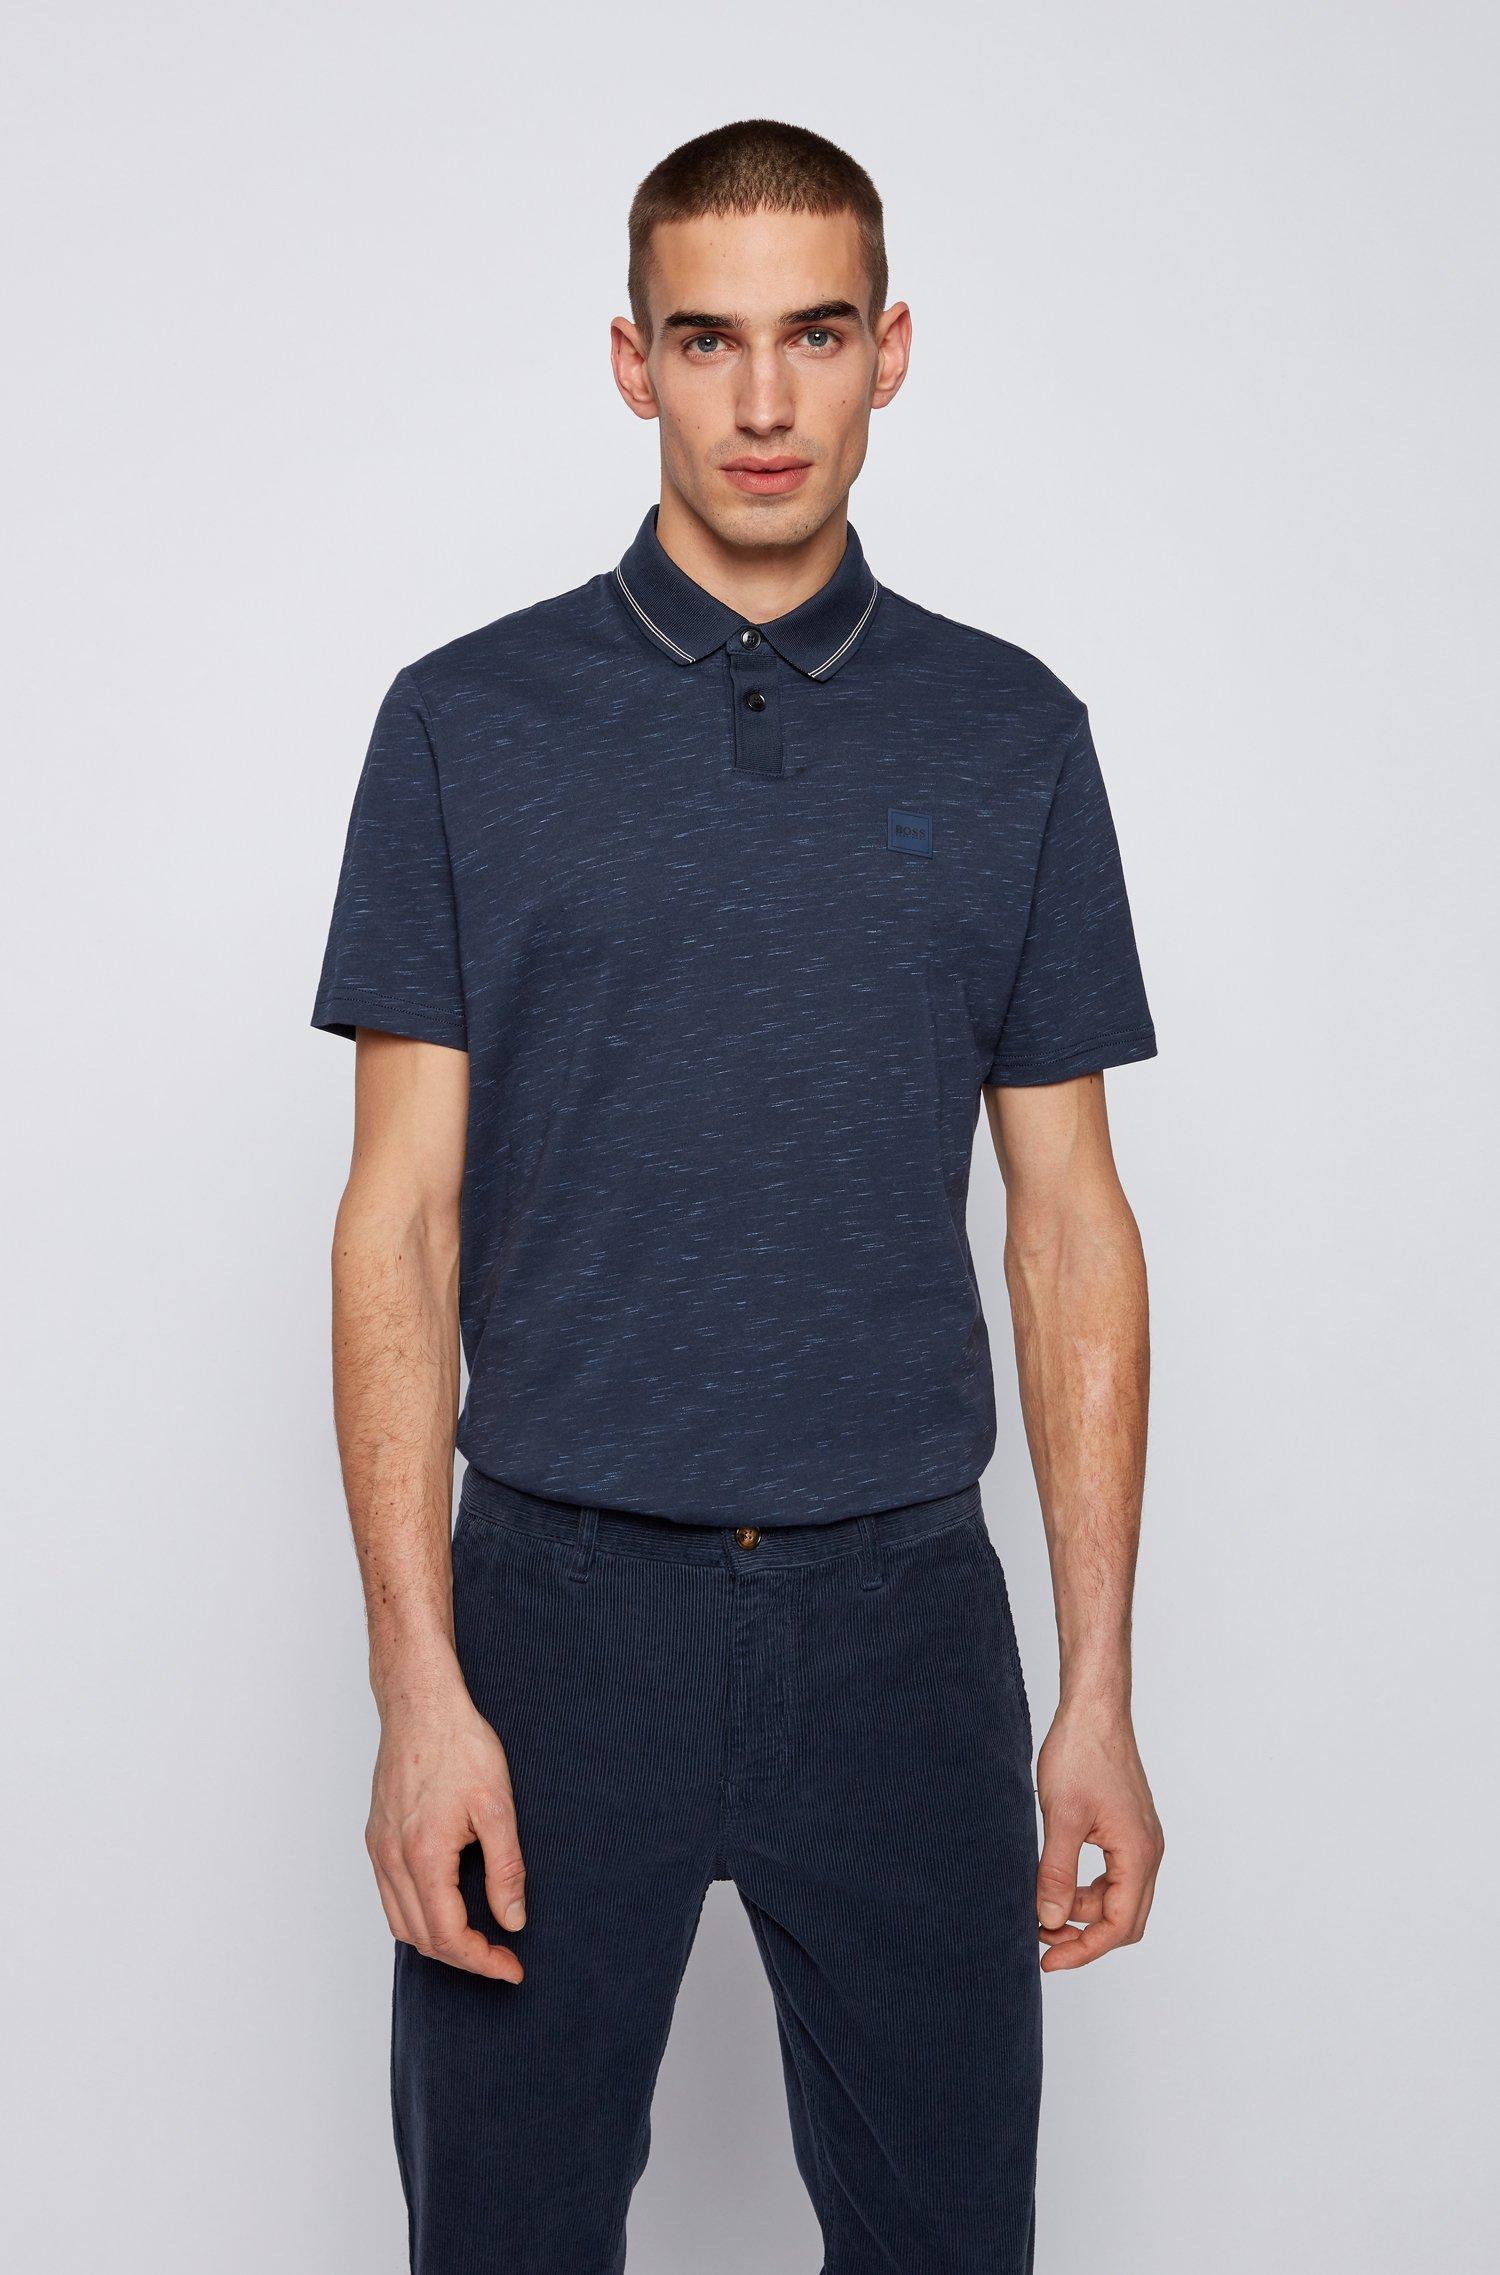 Jersey-Poloshirt aus Baumwoll-Mix mit Struktur-Print, Dunkelblau